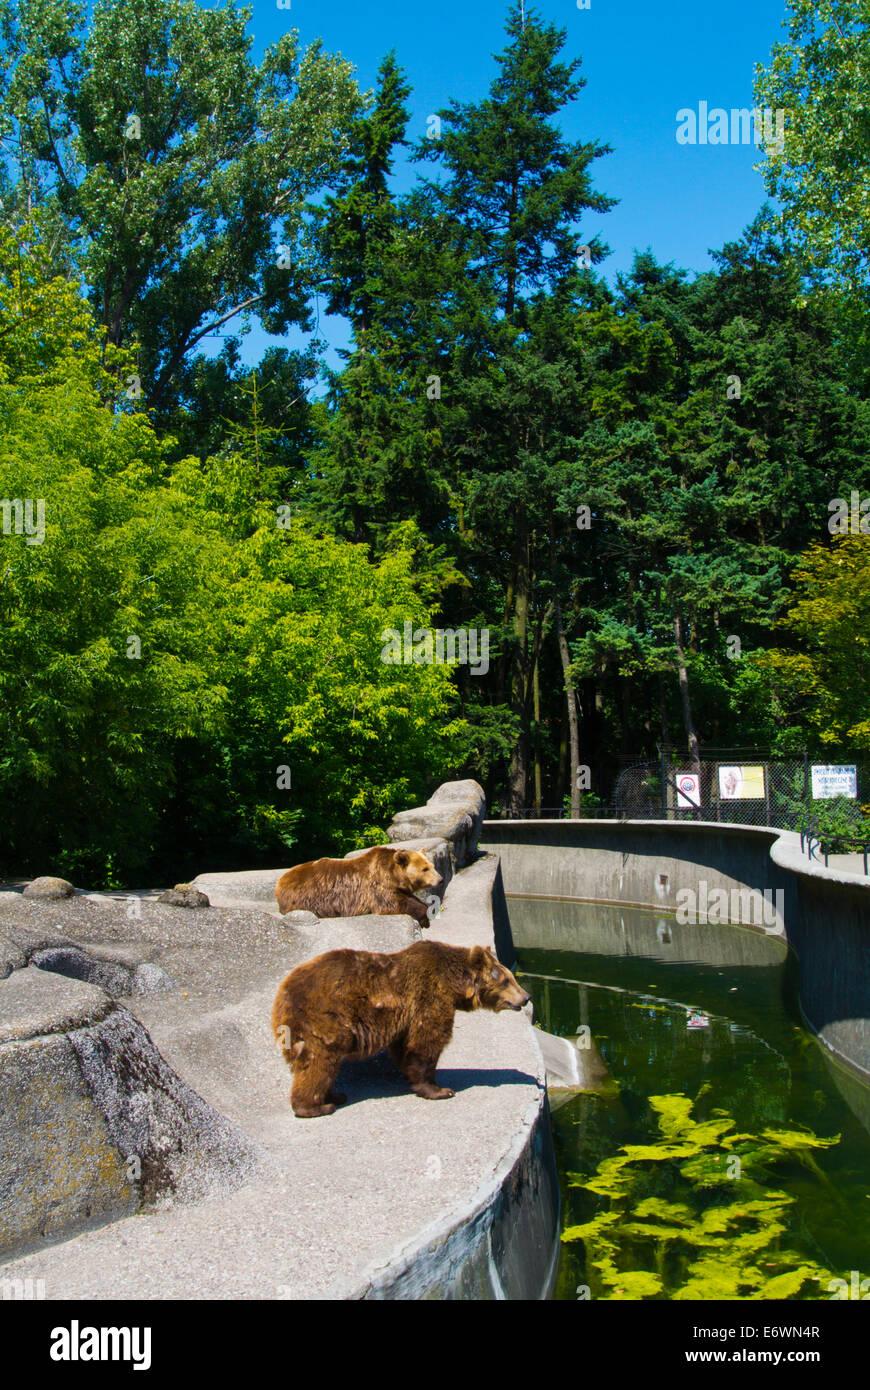 Bären im Zoo, Praga Bezirk, Warschau, Polen, Europa Stockbild